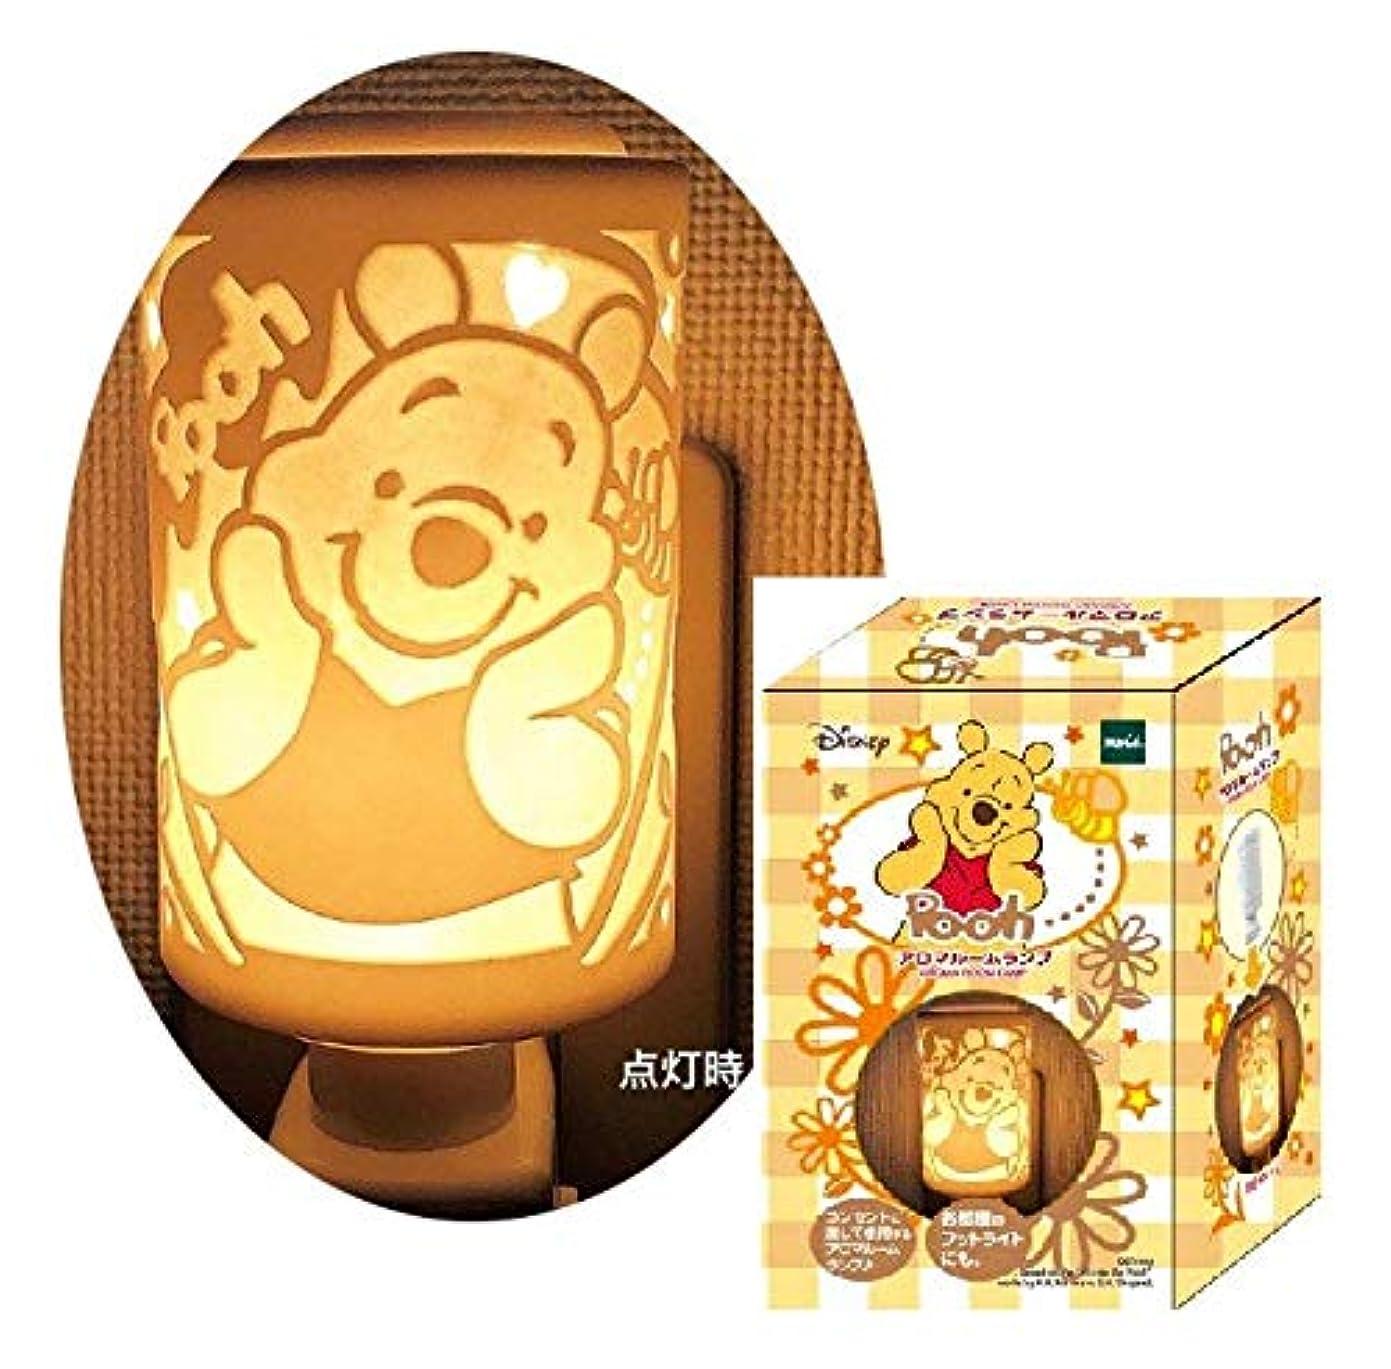 ドル見通し食物Disney ディズニー くまのプーさん アロマランプ アロマライト アロマルームランプ コンセントタイプ 電気式芳香器 陶器製 キャラクター ルームライト ルームランプ フットライト (プーさん)